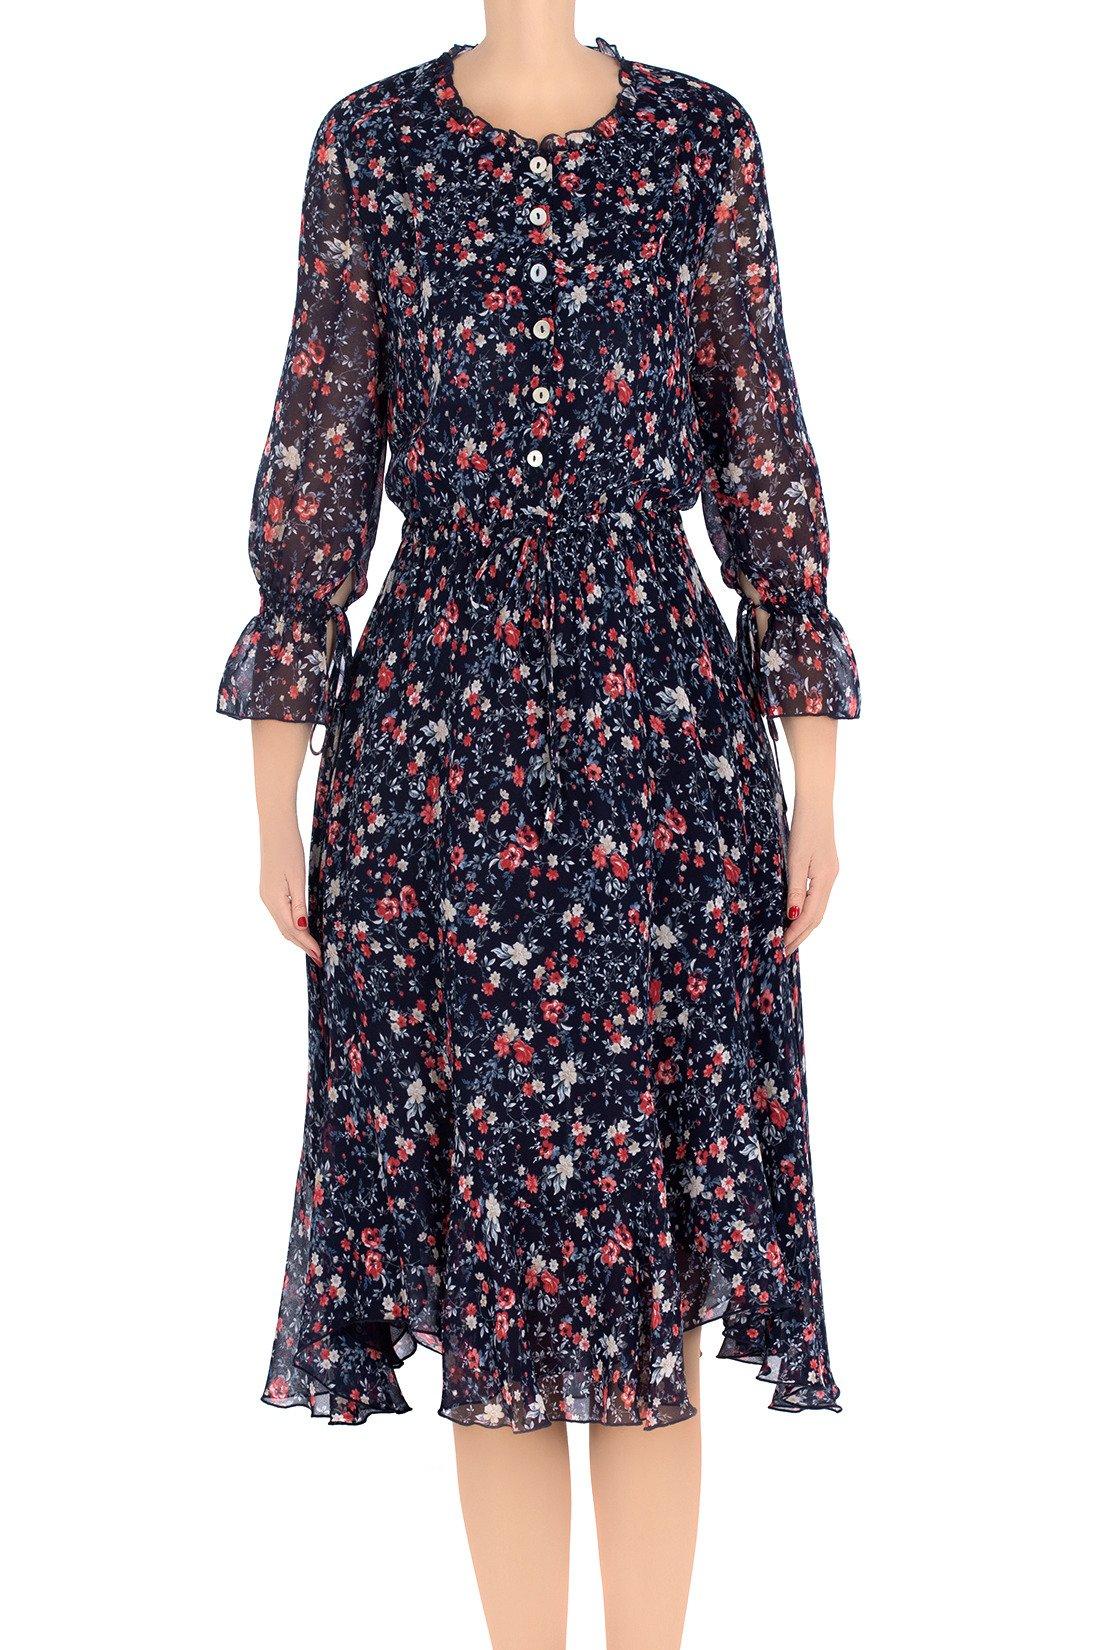 d5f520e4c6 Elegancka sukienka damska Aluna granatowa w malinowe kwiatki 3211 ...